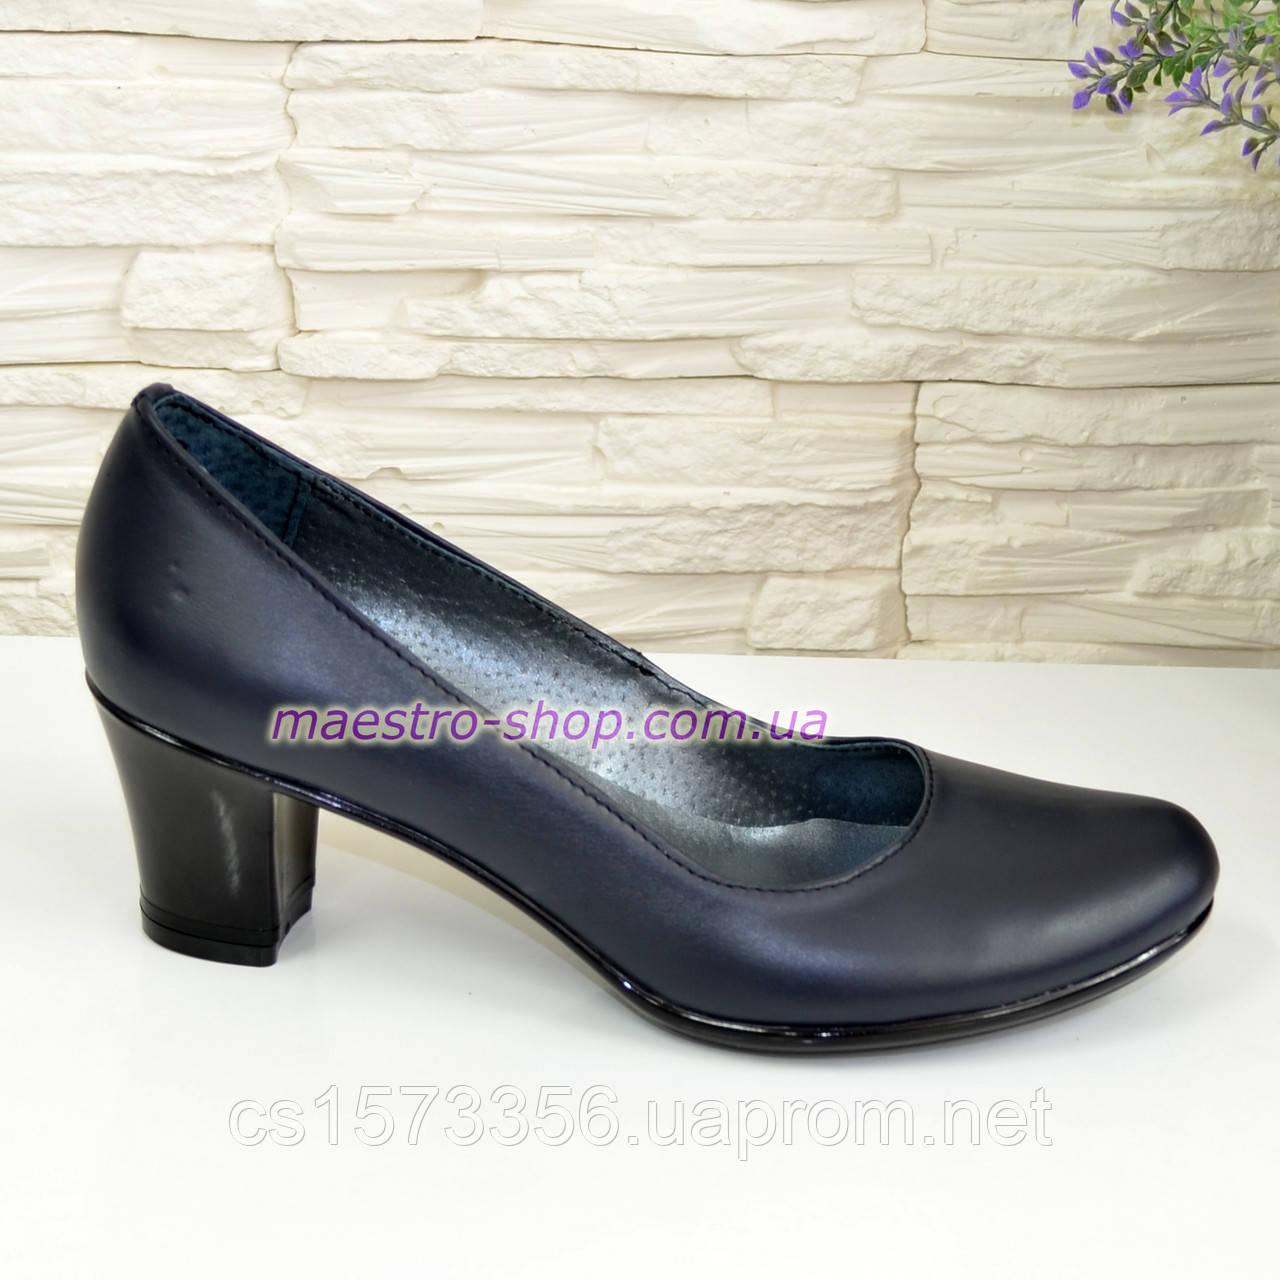 Туфли кожаные на невысоком устойчивом каблуке, цвет синий